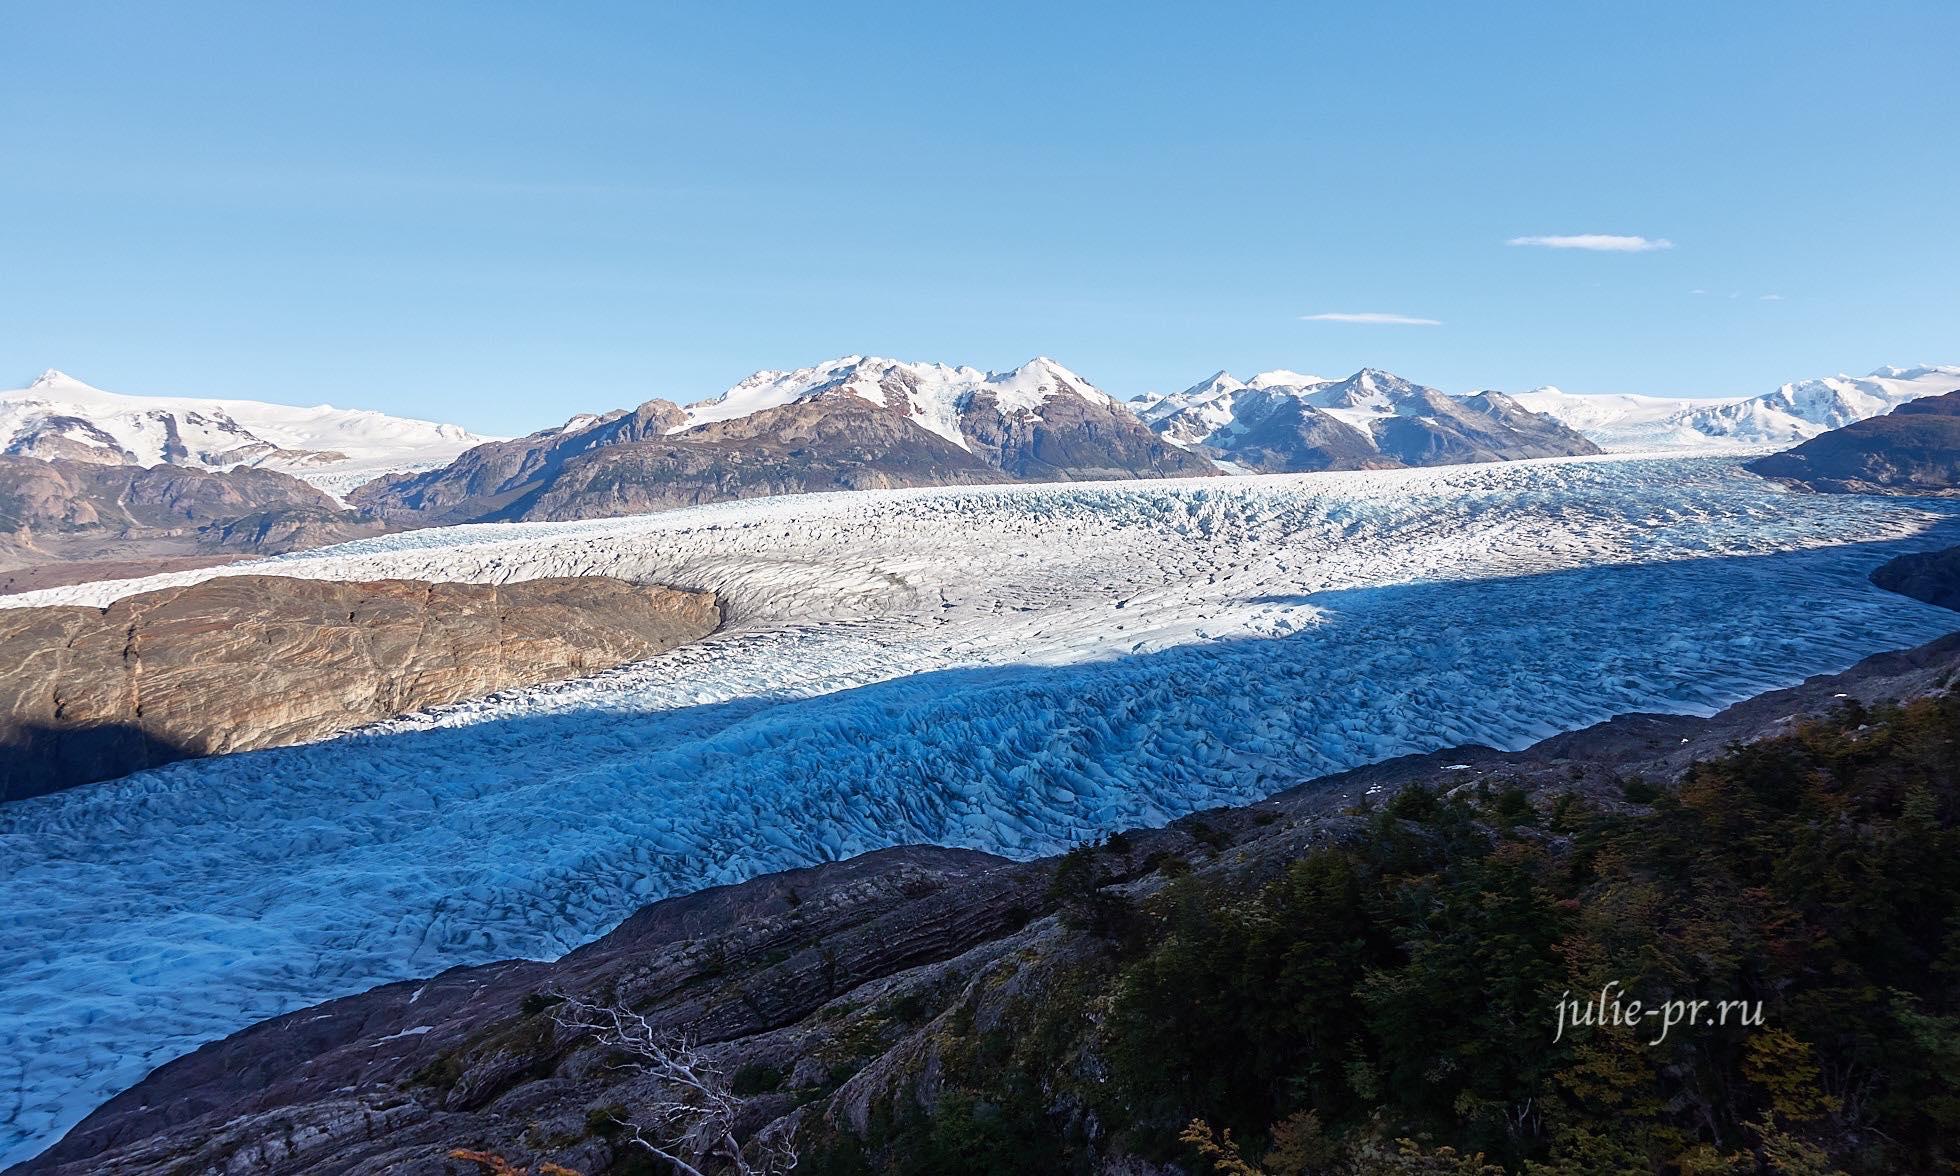 Чили, Патагония, Торрес-дель-Пайне, ледник Грей